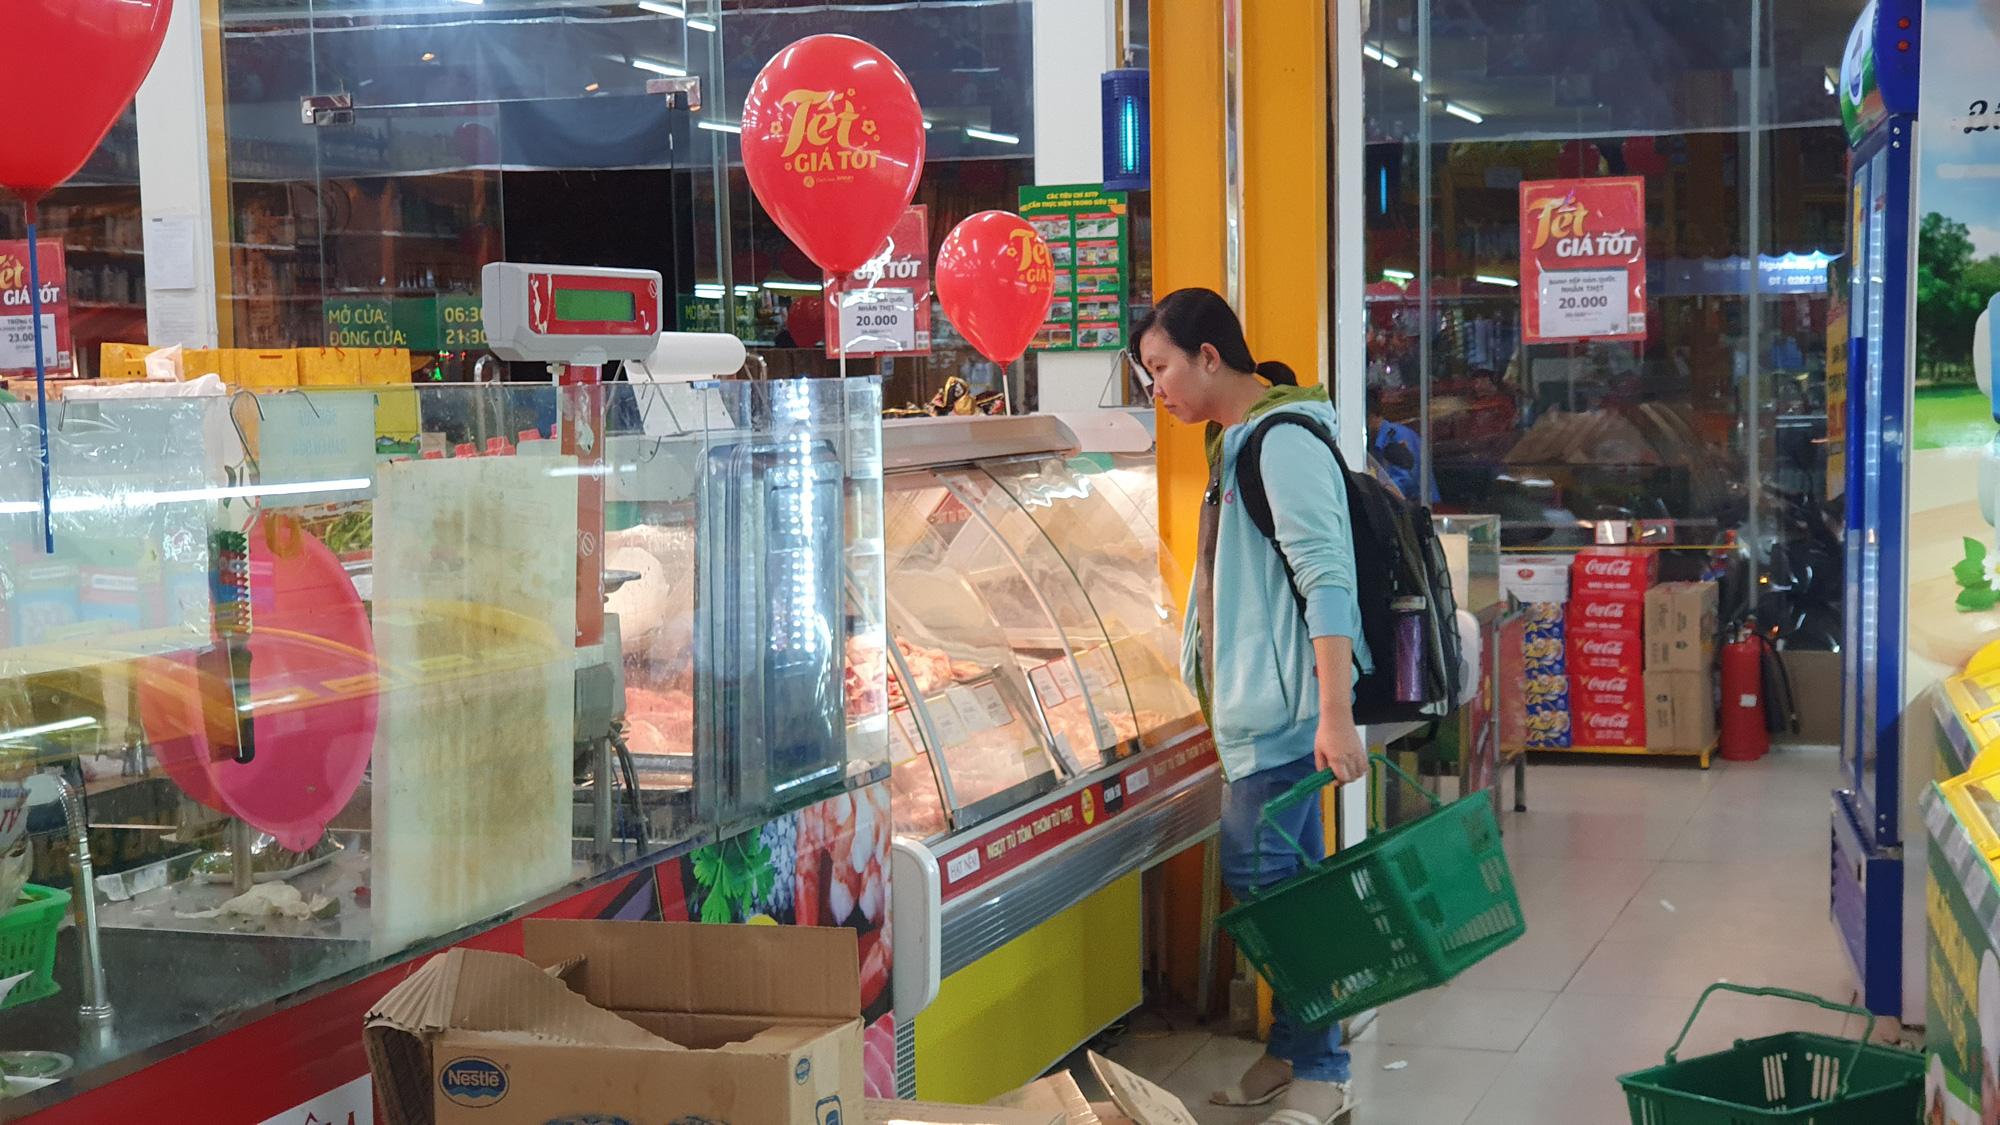 Lịch nghỉ Tết Canh Tí 2020 của siêu thị, cửa hàng tiện lợi - Ảnh 3.